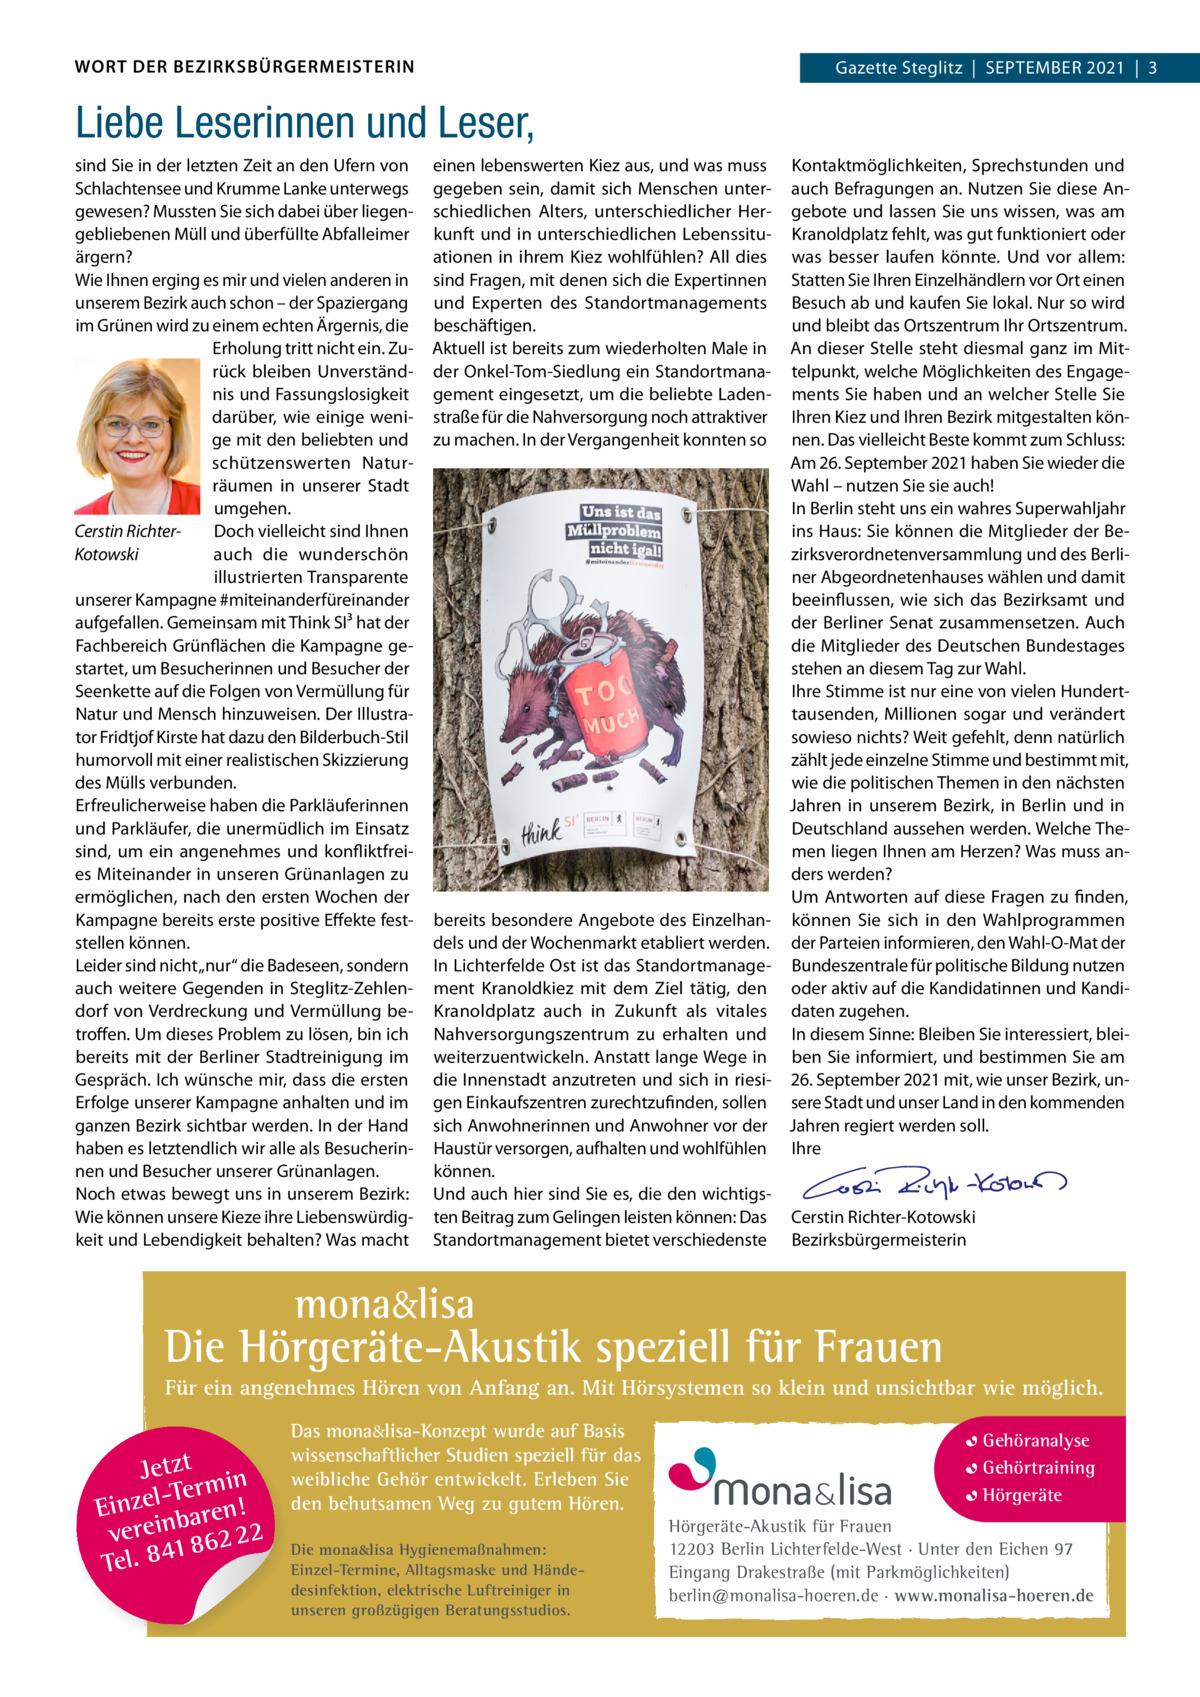 """WORT DER BEZIRKSBÜRGERMEISTERIN  Gazette Gazette Zehlendorf September Steglitz September 2021 3 2021 1  Liebe Leserinnen und Leser, sind Sie in der letzten Zeit an den Ufern von Schlachtensee und Krumme Lanke unterwegs gewesen? mussten Sie sich dabei über liegengebliebenen müll und überfüllte Abfalleimer ärgern? Wie Ihnen erging es mir und vielen anderen in unserem bezirk auch schon – der Spaziergang im Grünen wird zu einem echten Ärgernis, die erholung tritt nicht ein. Zurück bleiben Unverständnis und Fassungslosigkeit darüber, wie einige wenige mit den beliebten und schützenswerten Naturräumen in unserer Stadt umgehen. Cerstin RichterDoch vielleicht sind Ihnen auch die wunderschön Kotowski illustrierten transparente unserer Kampagne #miteinanderfüreinander aufgefallen. Gemeinsam mit think SI³ hat der Fachbereich Grünflächen die Kampagne gestartet, um besucherinnen und besucher der Seenkette auf die Folgen von Vermüllung für Natur und mensch hinzuweisen. Der Illustrator Fridtjof Kirste hat dazu den bilderbuch-Stil humorvoll mit einer realistischen Skizzierung des mülls verbunden. erfreulicherweise haben die parkläuferinnen und parkläufer, die unermüdlich im einsatz sind, um ein angenehmes und konfliktfreies miteinander in unseren Grünanlagen zu ermöglichen, nach den ersten Wochen der Kampagne bereits erste positive effekte feststellen können. Leider sind nicht """"nur"""" die badeseen, sondern auch weitere Gegenden in Steglitz-Zehlendorf von Verdreckung und Vermüllung betroffen. Um dieses problem zu lösen, bin ich bereits mit der berliner Stadtreinigung im Gespräch. Ich wünsche mir, dass die ersten erfolge unserer Kampagne anhalten und im ganzen bezirk sichtbar werden. In der Hand haben es letztendlich wir alle als besucherinnen und besucher unserer Grünanlagen. Noch etwas bewegt uns in unserem bezirk: Wie können unsere Kieze ihre Liebenswürdigkeit und Lebendigkeit behalten? Was macht  einen lebenswerten Kiez aus, und was muss gegeben sein, damit sich menschen unterschie"""